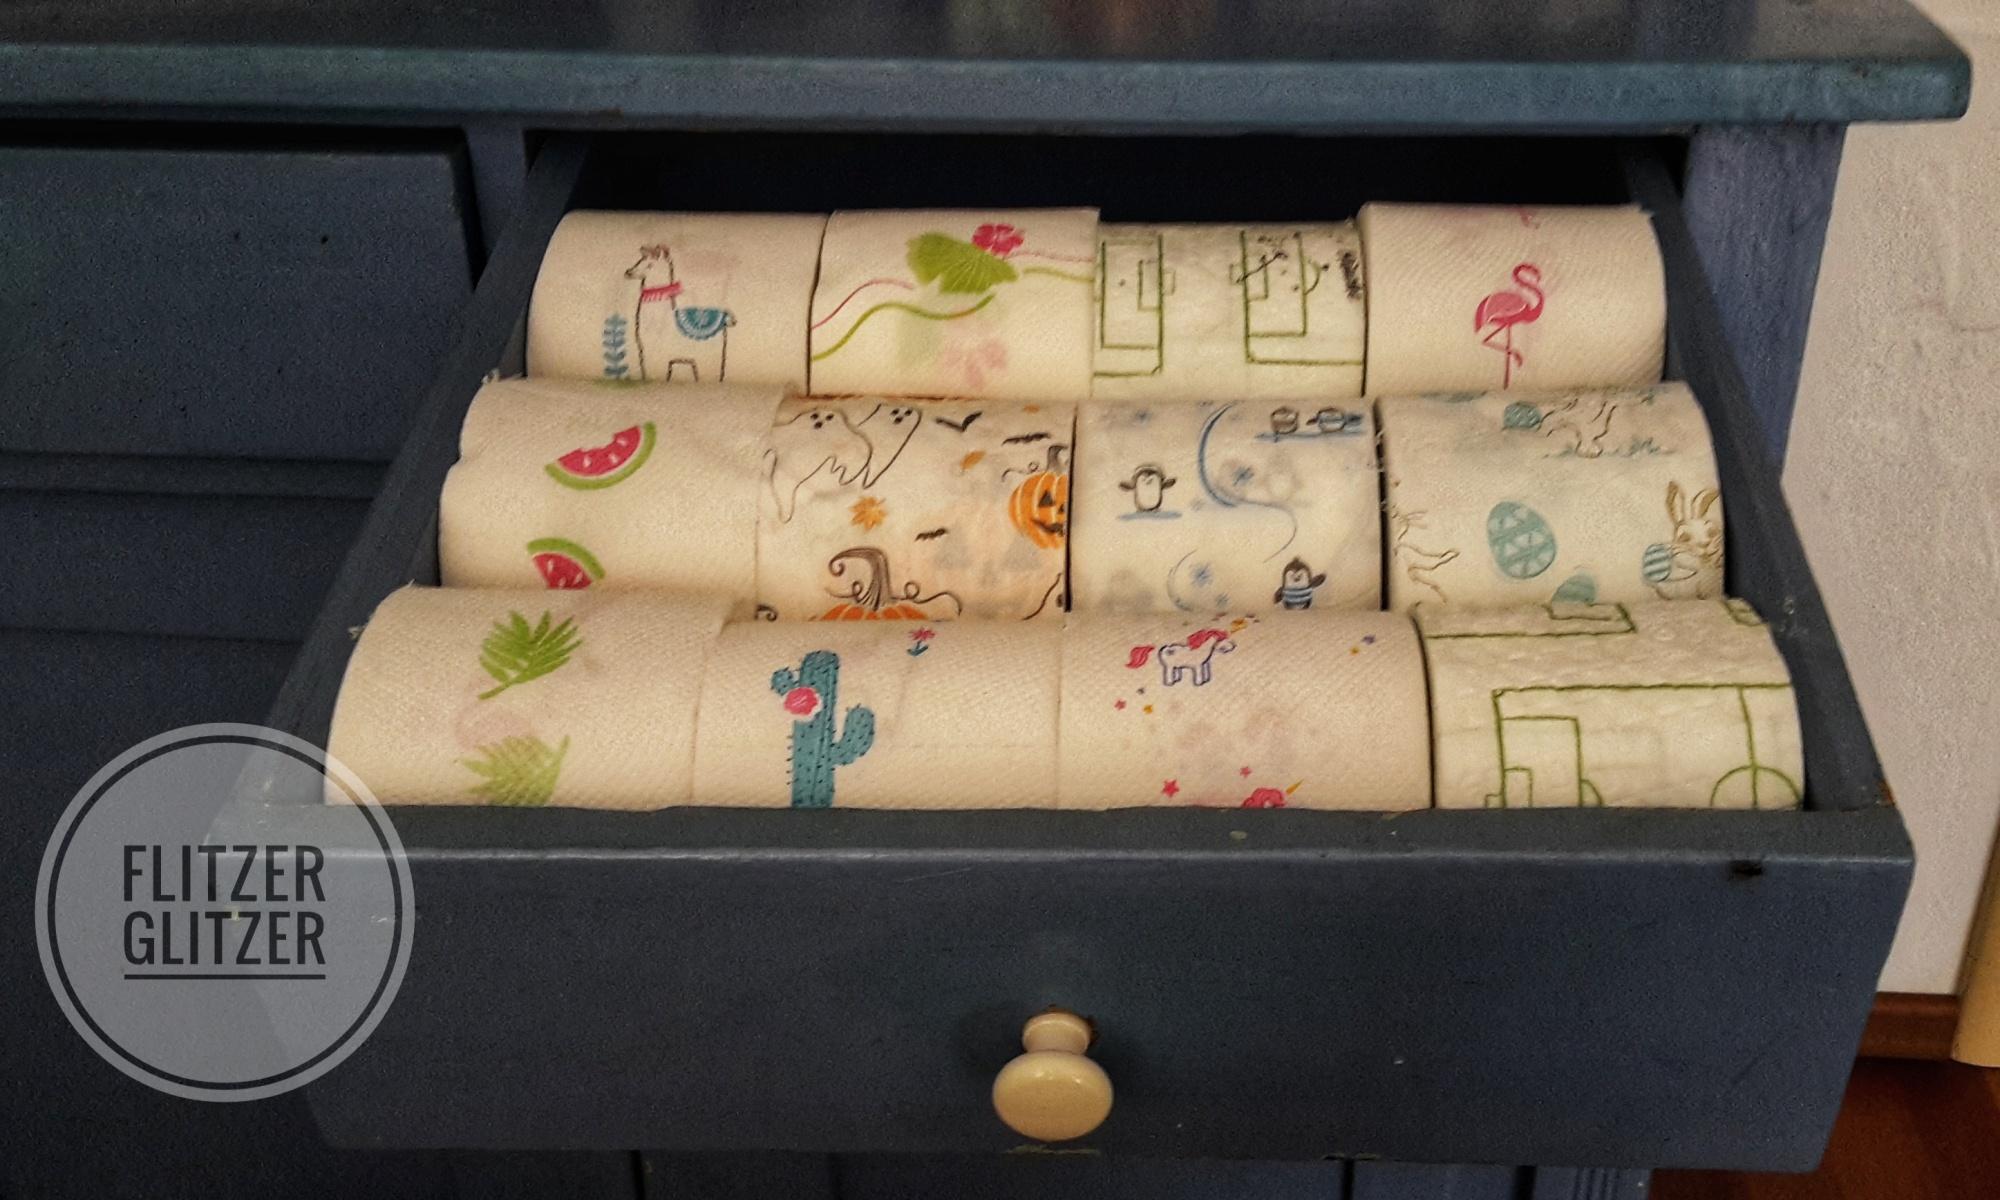 Bunte Toilettenpapiersammlung in einer blauen Schublade.